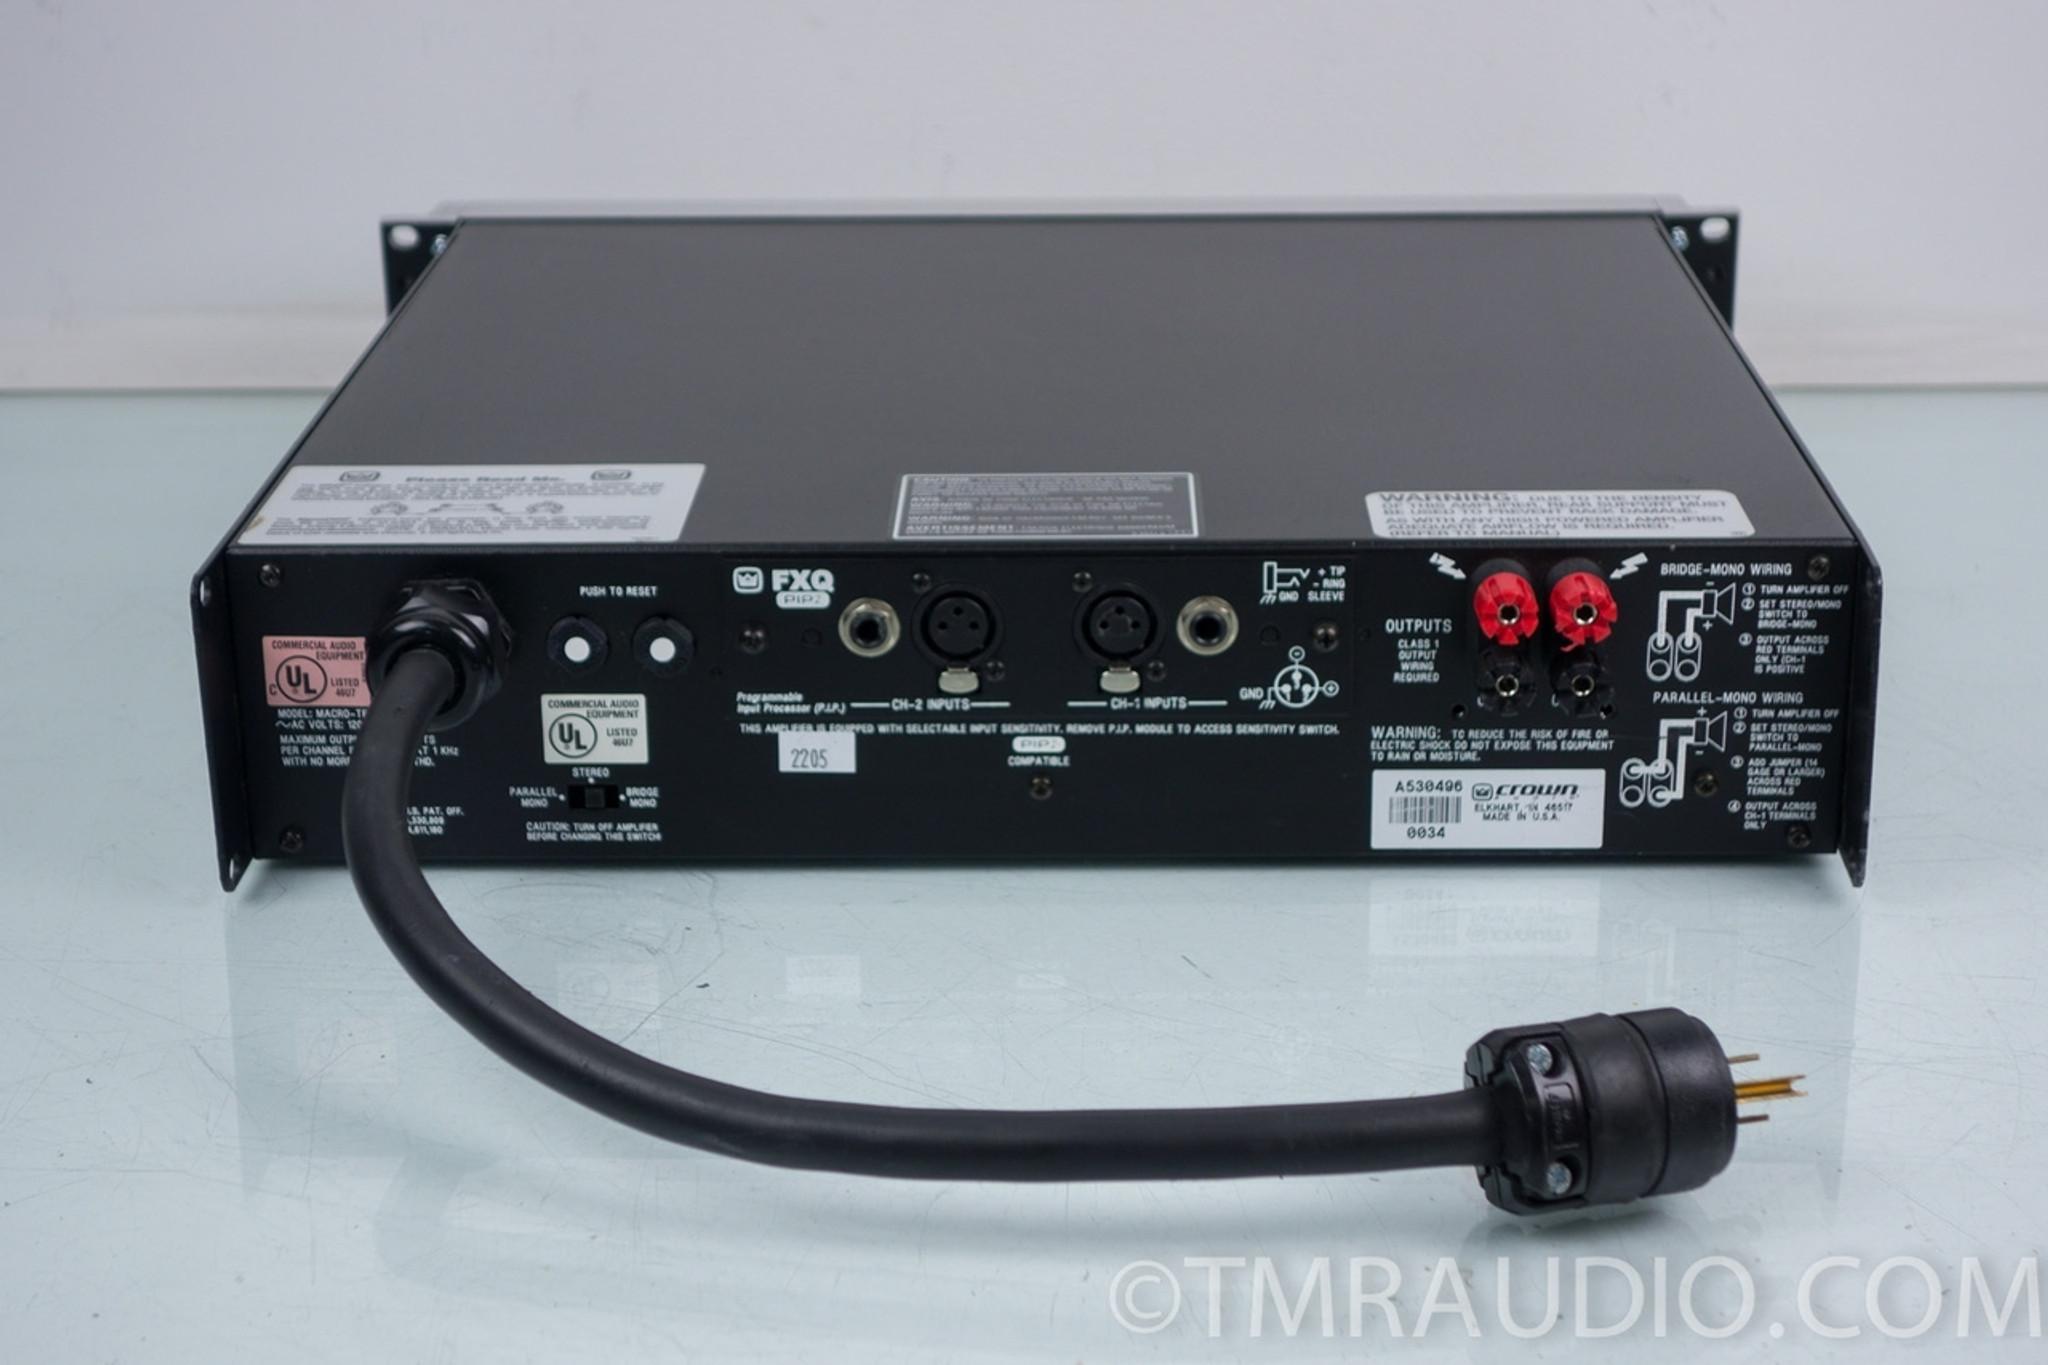 Power Amplifier Crown Macro Tech : crown macro tech ma 2402 power amplifier the music room ~ Russianpoet.info Haus und Dekorationen